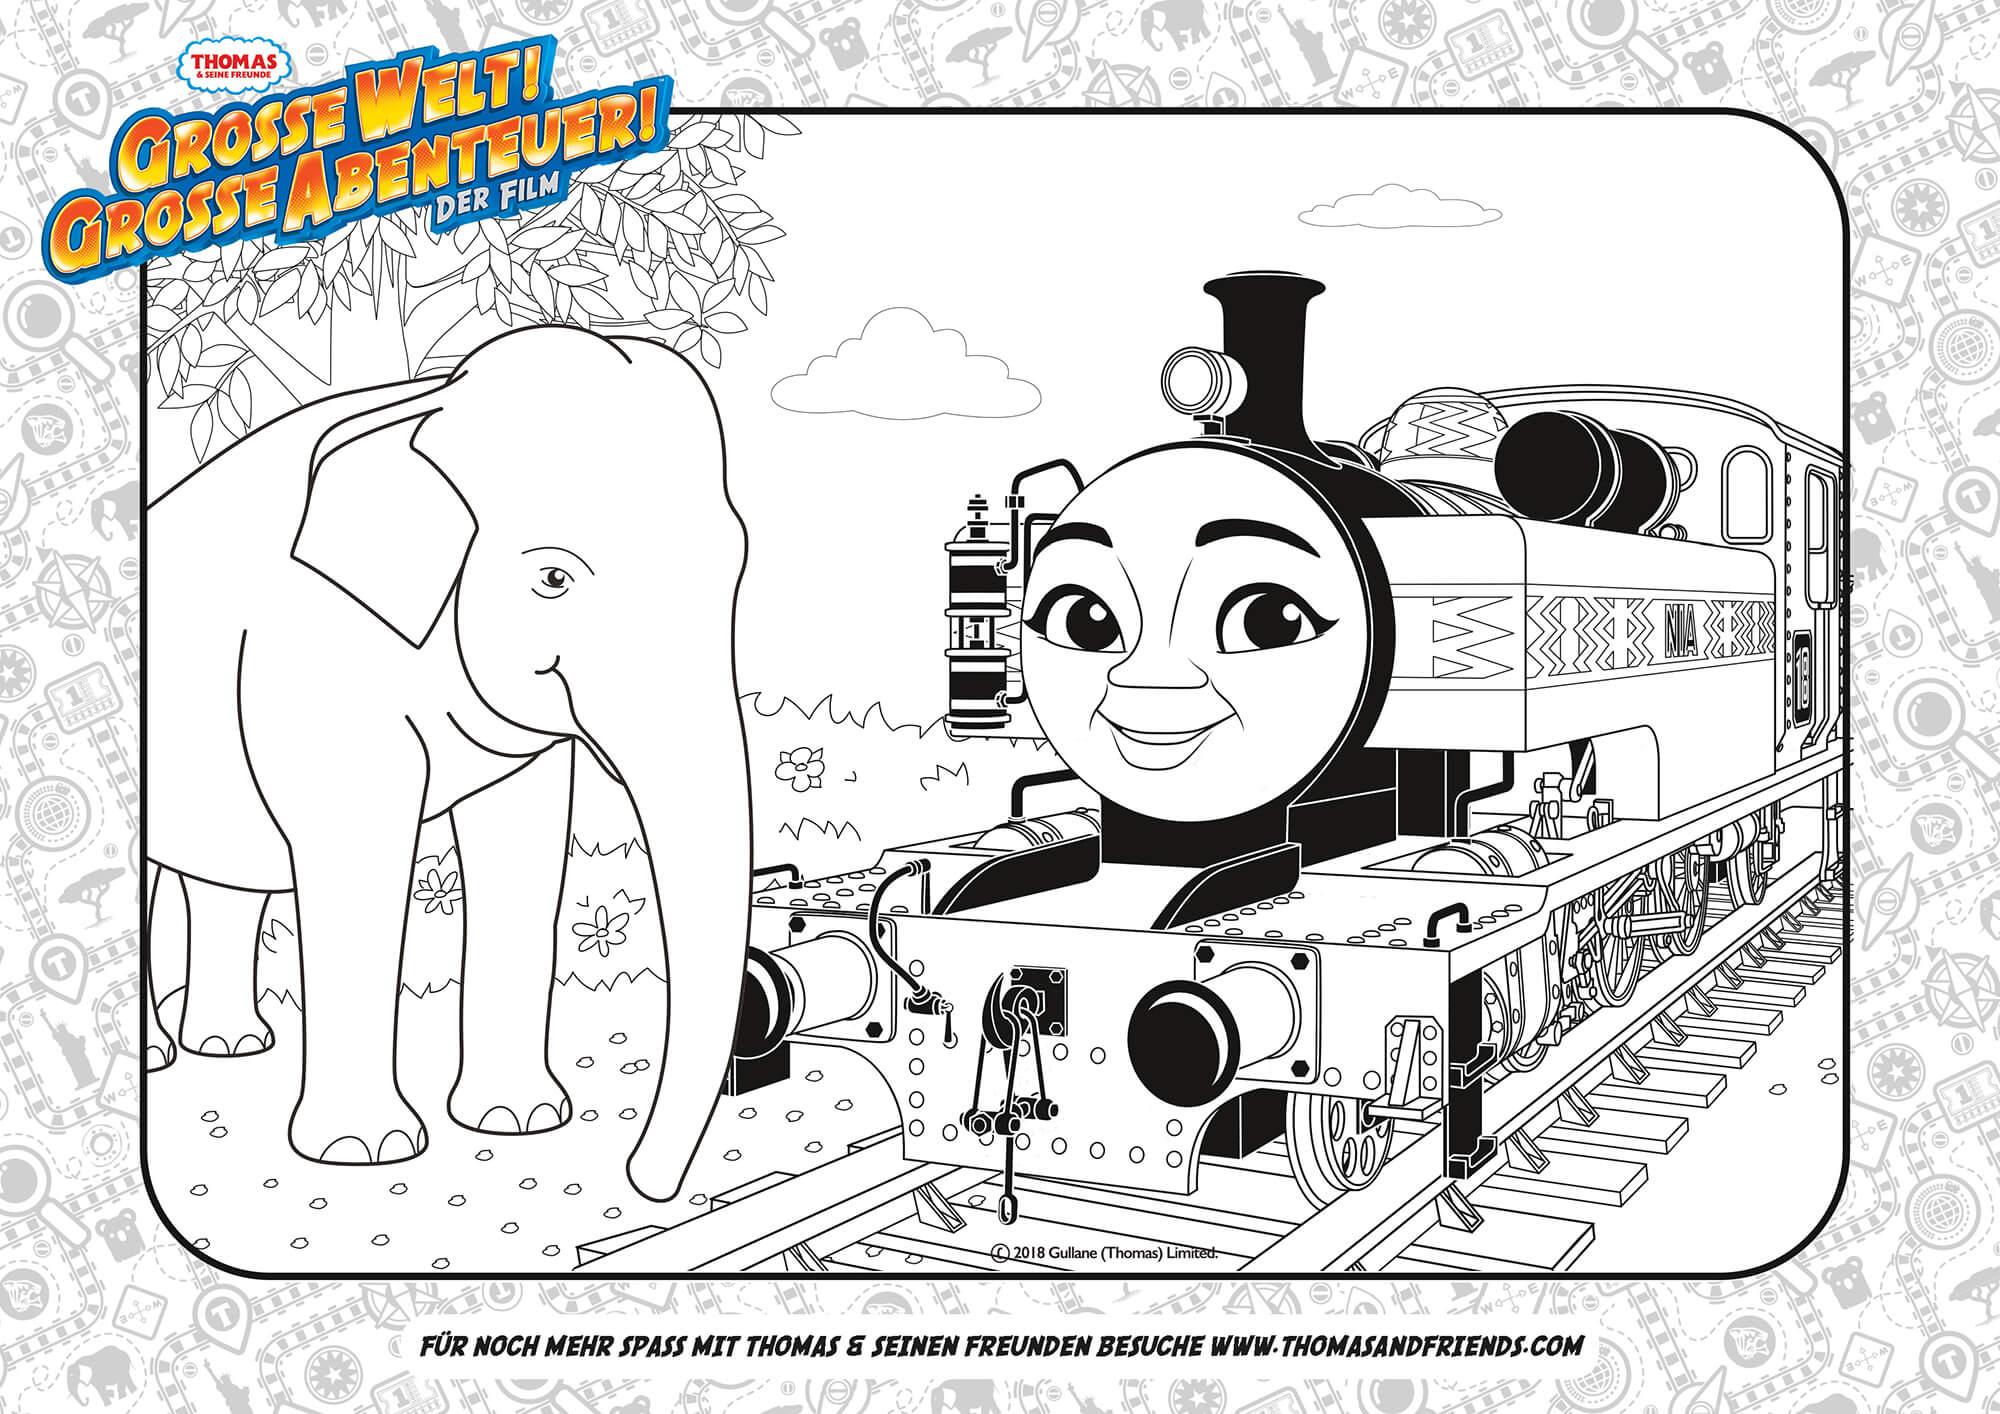 Thomas & Seine Freunde - Grosse Welt! Grosse Abenteuer ganzes Malvorlage Thomas Und Seine Freunde